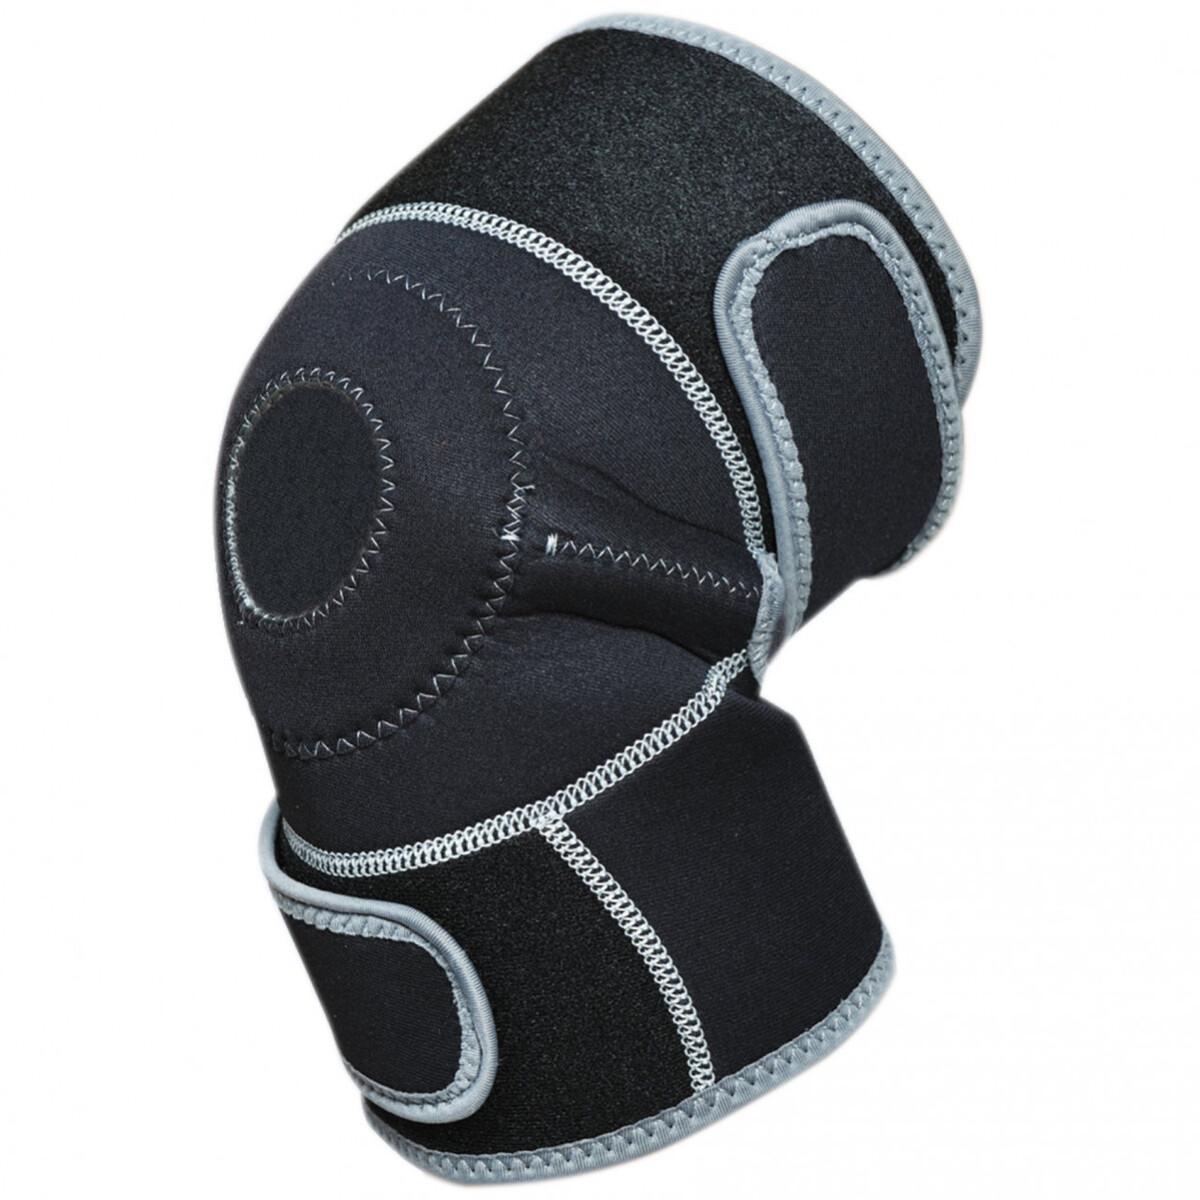 Bild 1 von Dittmann Health Kniegelenk-Bandage